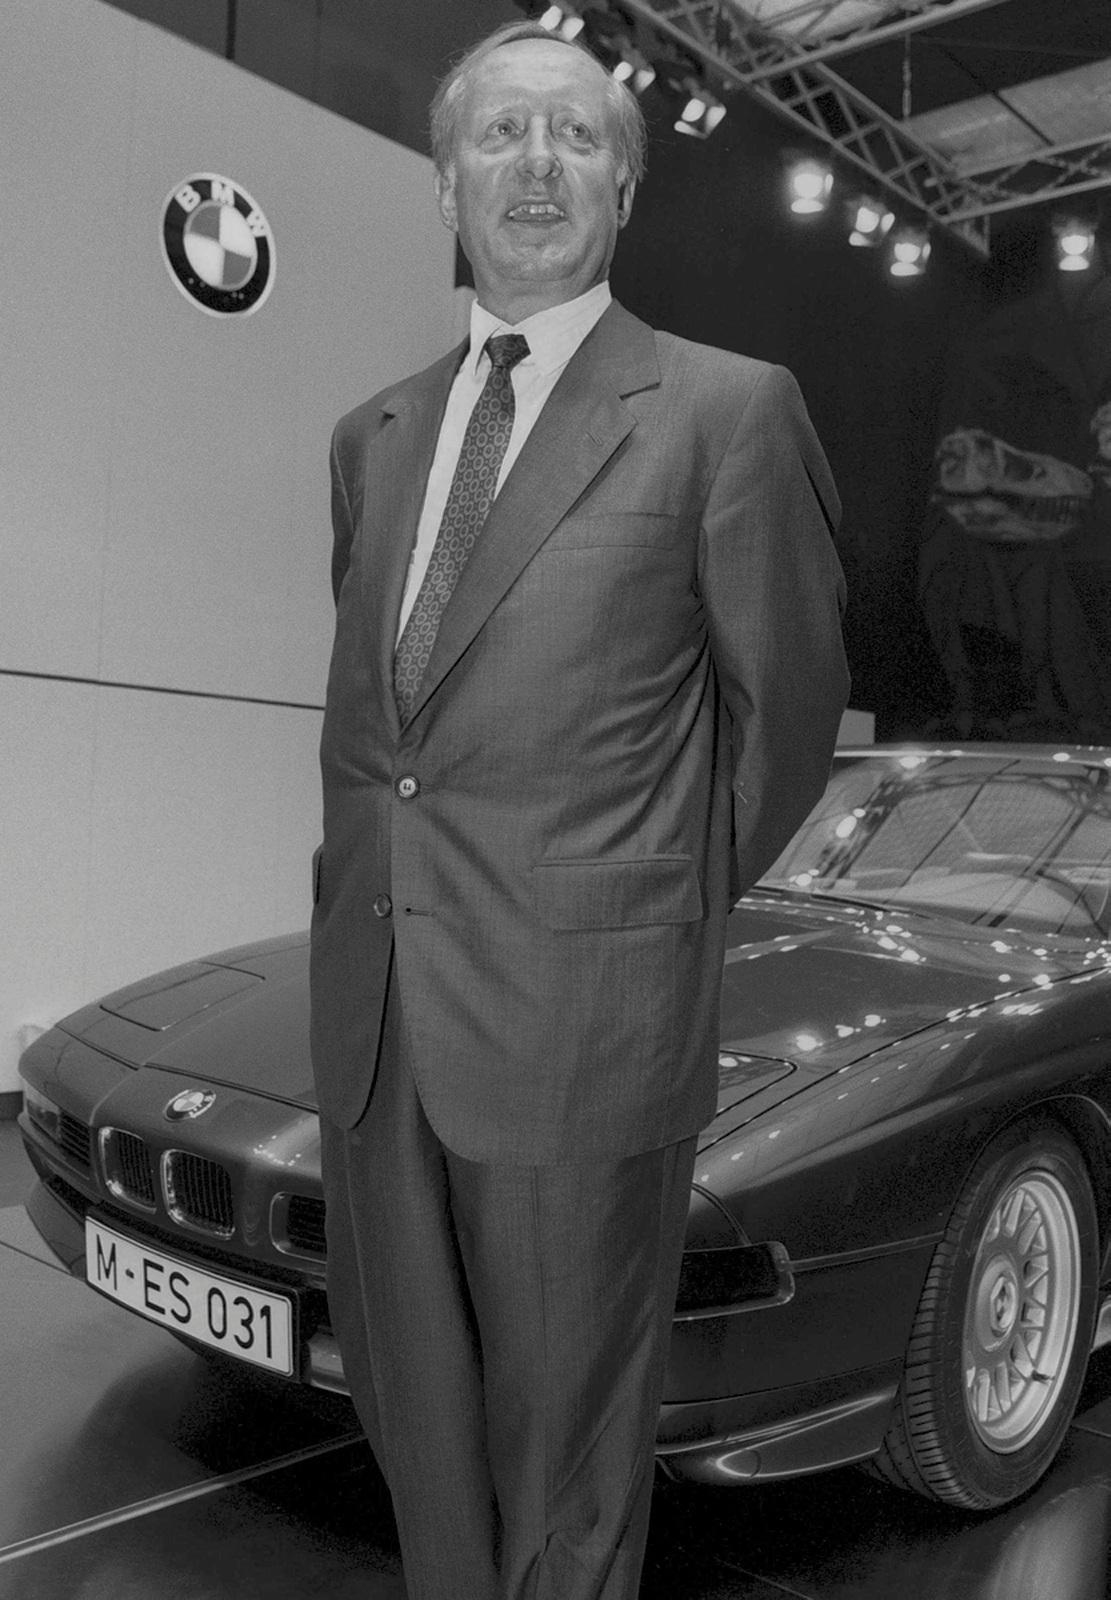 Der BMW-Chef Eberhard von Kuenheim 1989 auf der IAA in Frankfurt.